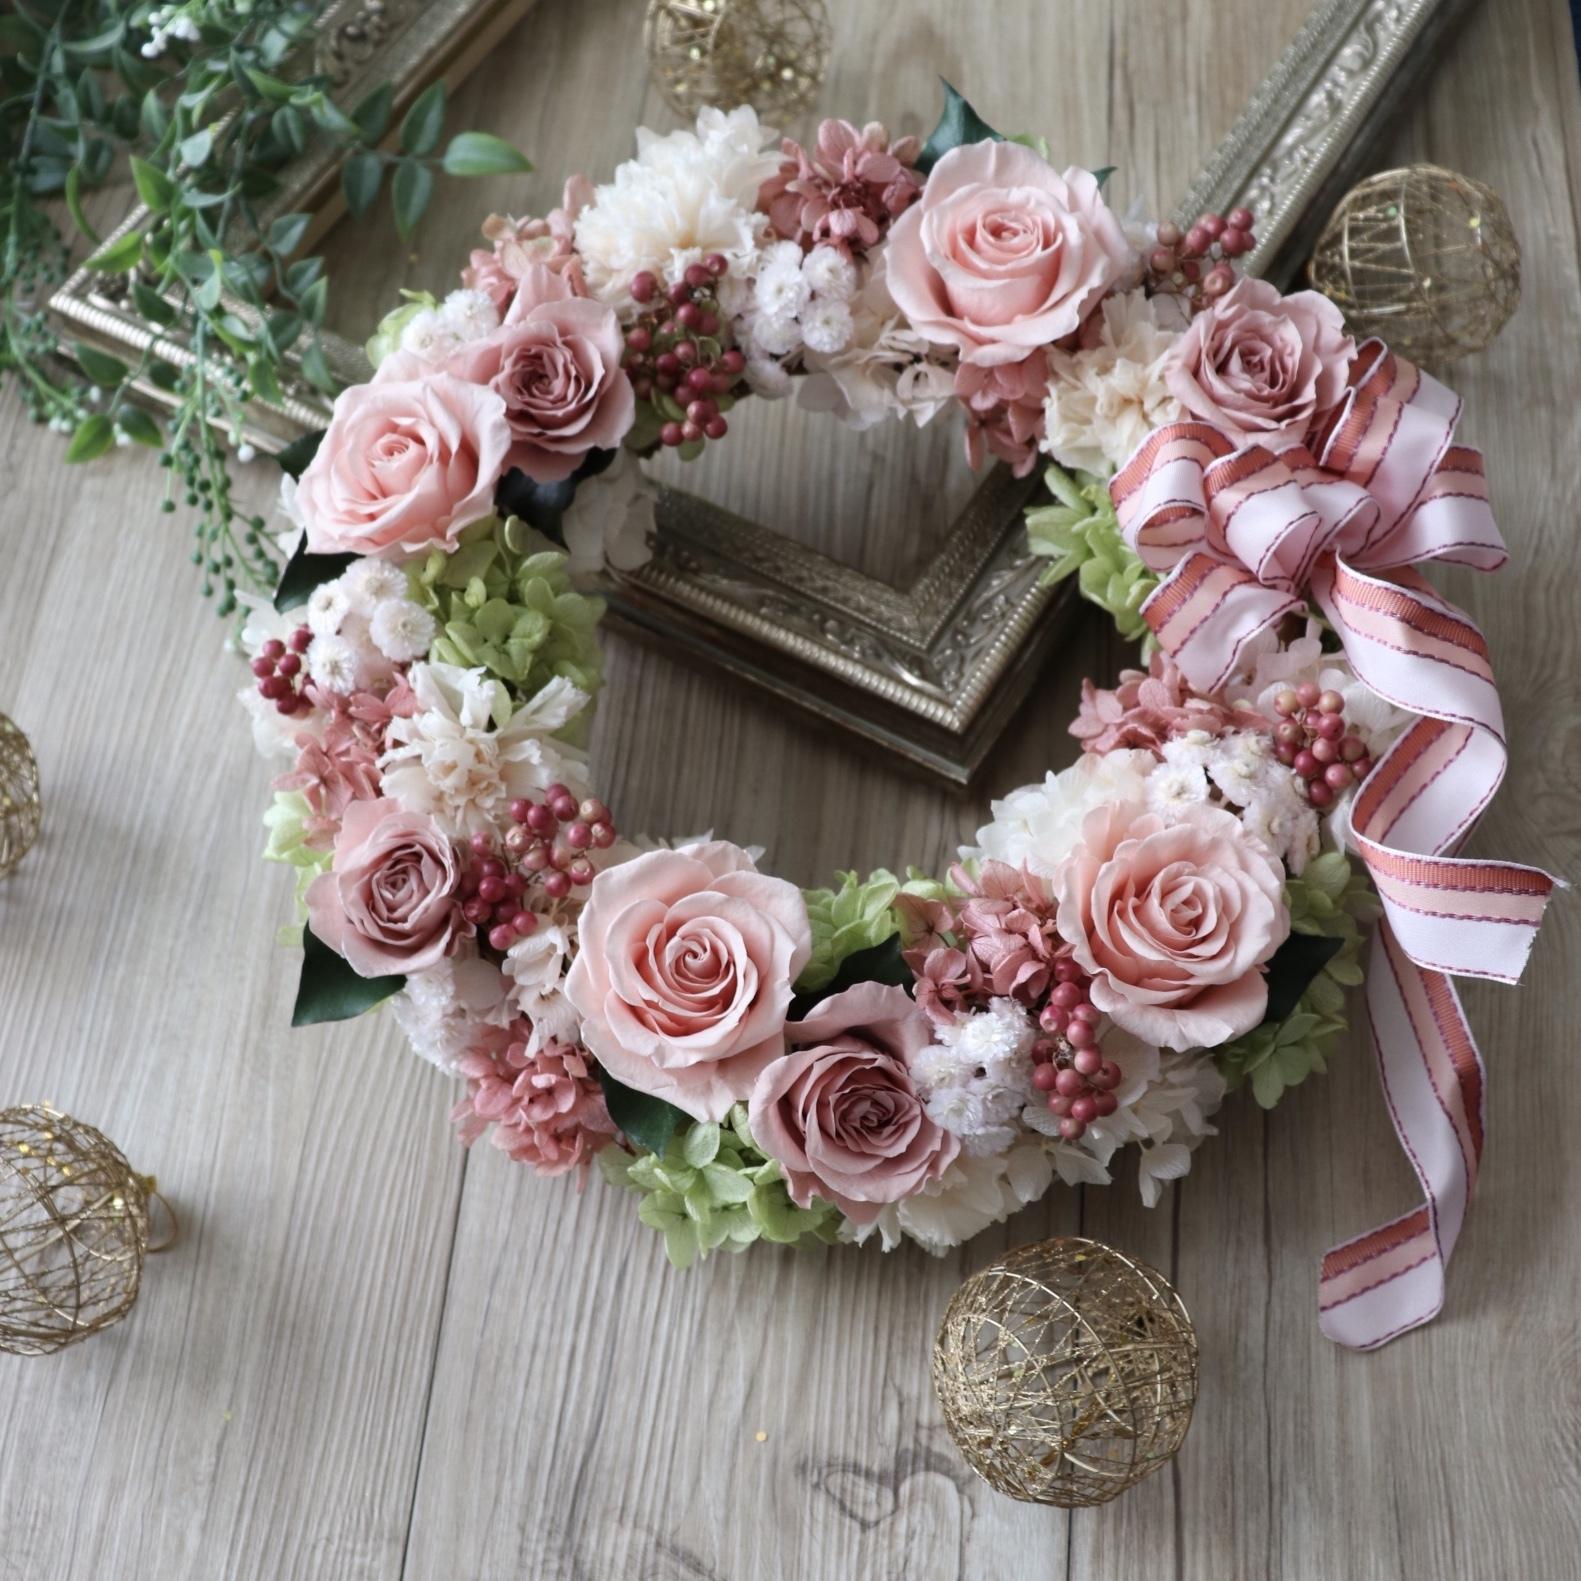 結婚式やお祝いに【プリザ】バラ・カーネーション・紫陽花のリース 直径約28cm